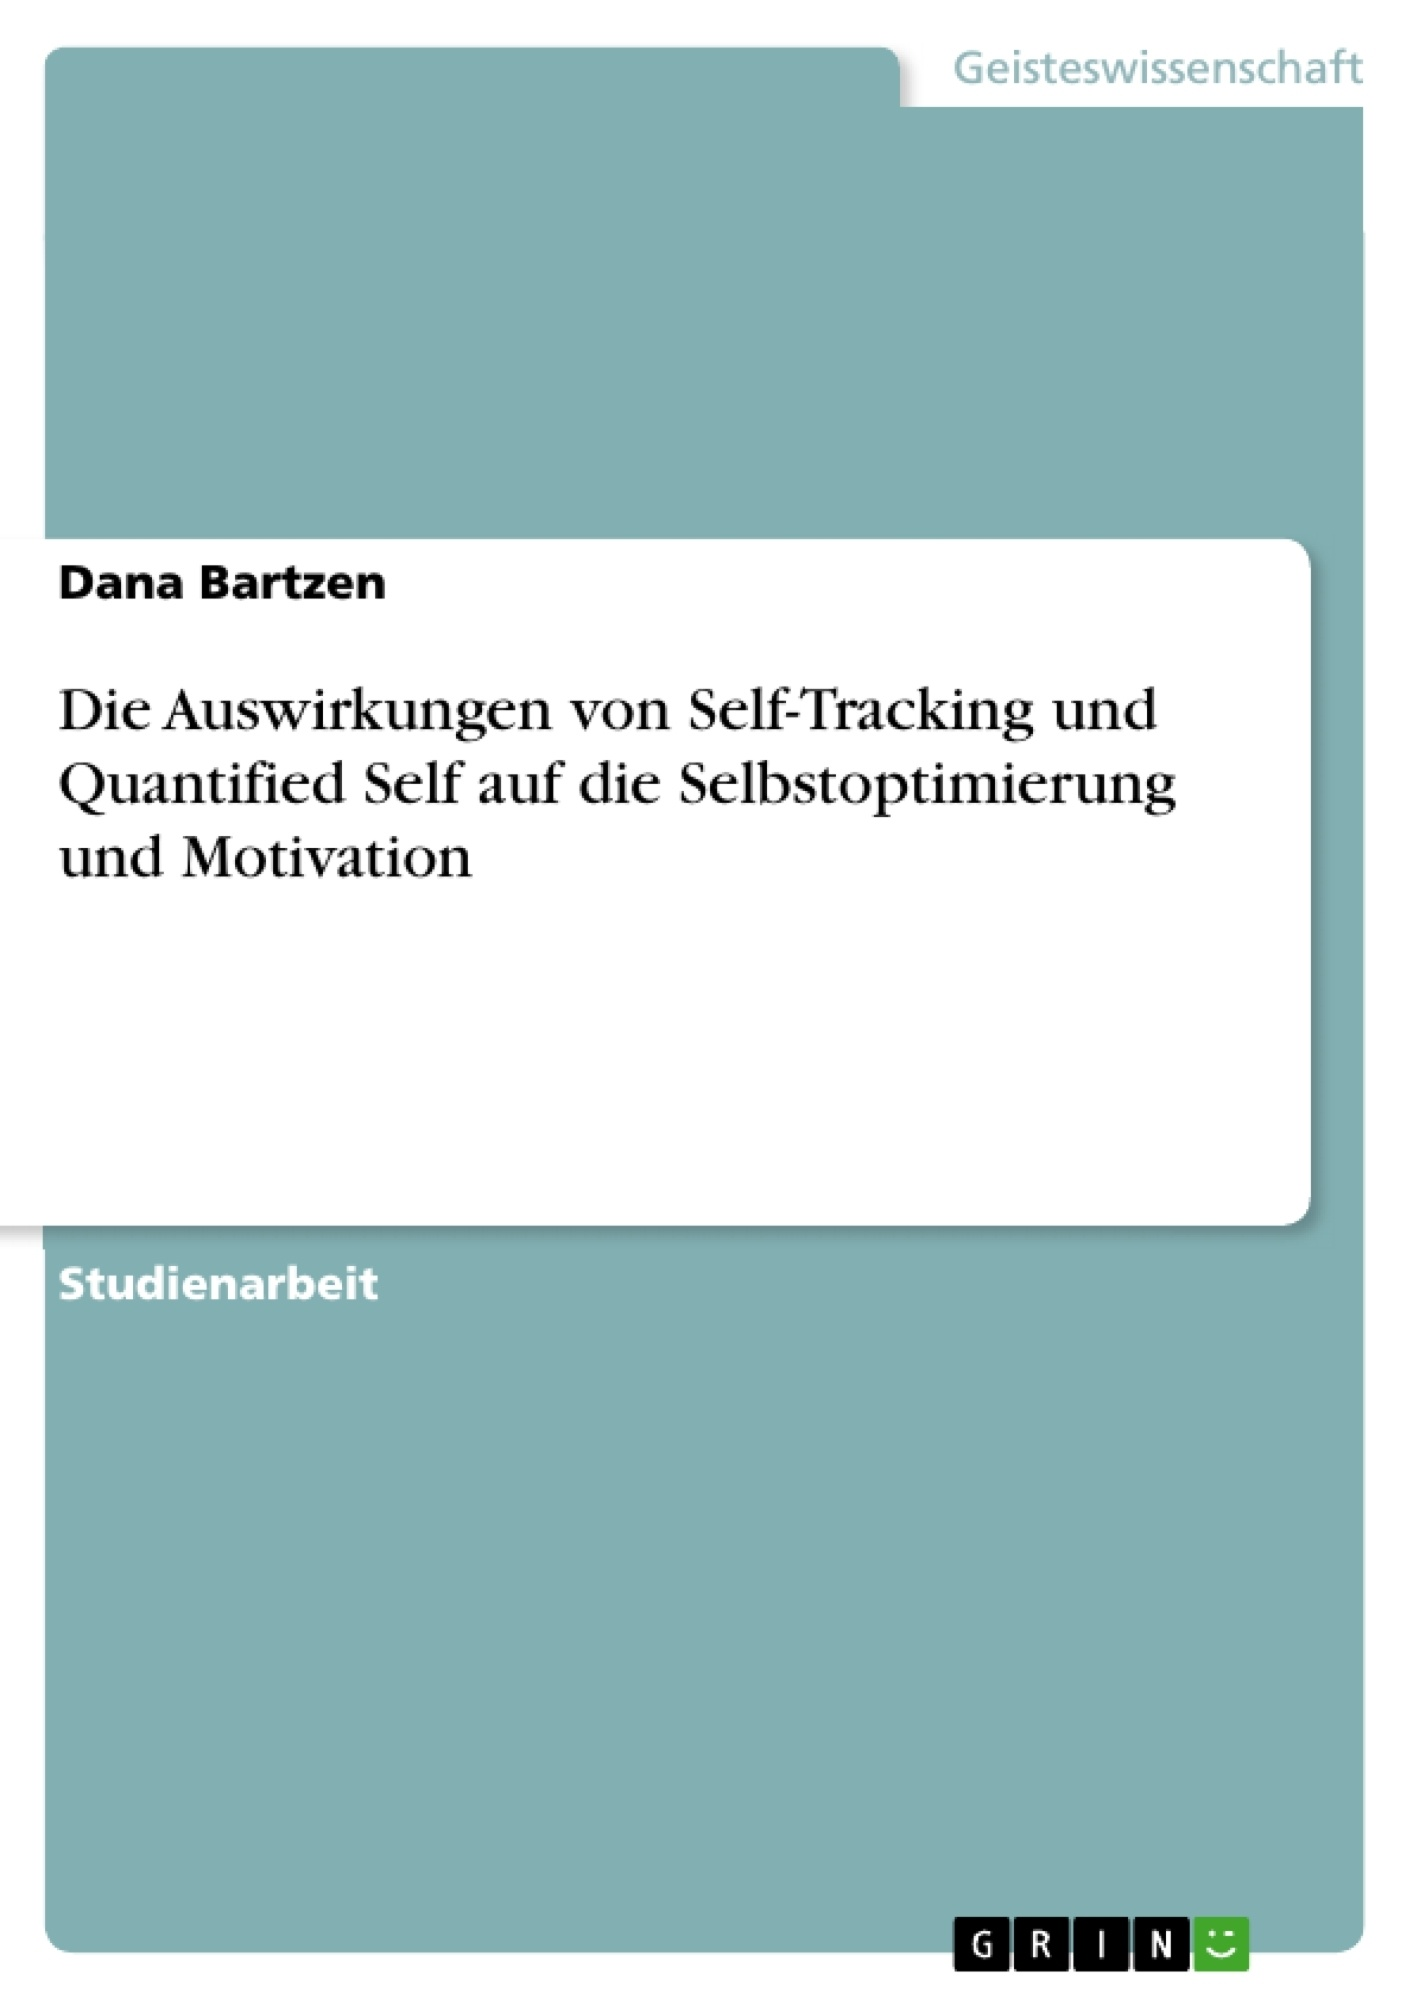 Titel: Die Auswirkungen von Self-Tracking und Quantified Self auf die Selbstoptimierung und Motivation